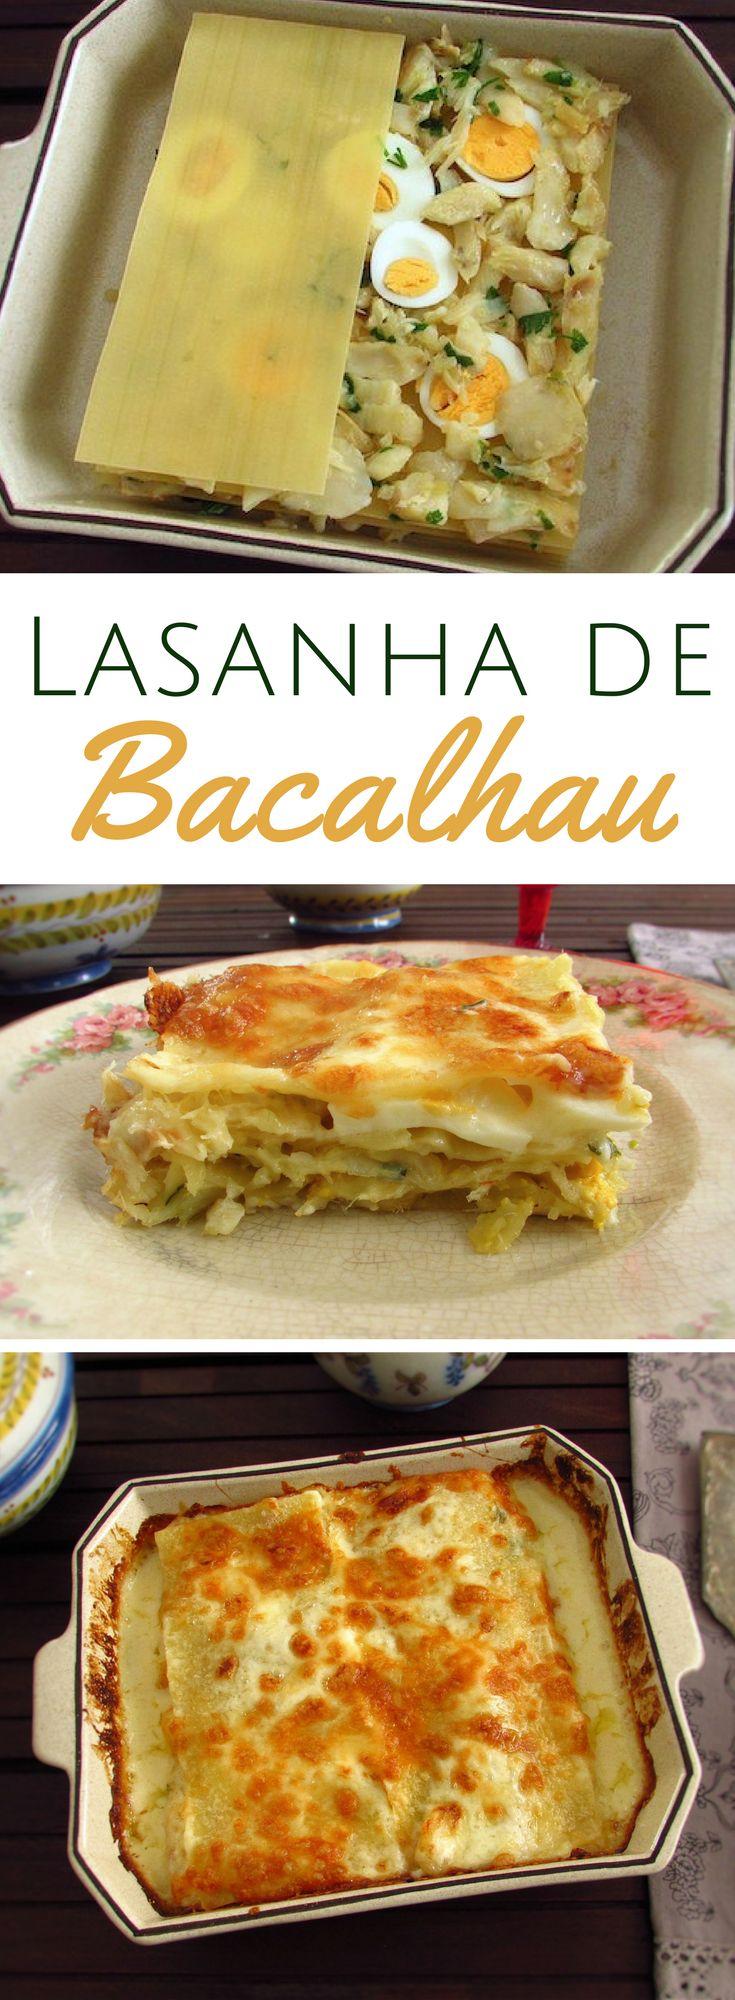 Lasanha de bacalhau | Food From Portugal. Sirva esta deliciosa receita de lasanha de bacalhau aos seus amigos! É diferente, muito saborosa e eles vão adorar e querer repetir… #receita #bacalhau #lasanha